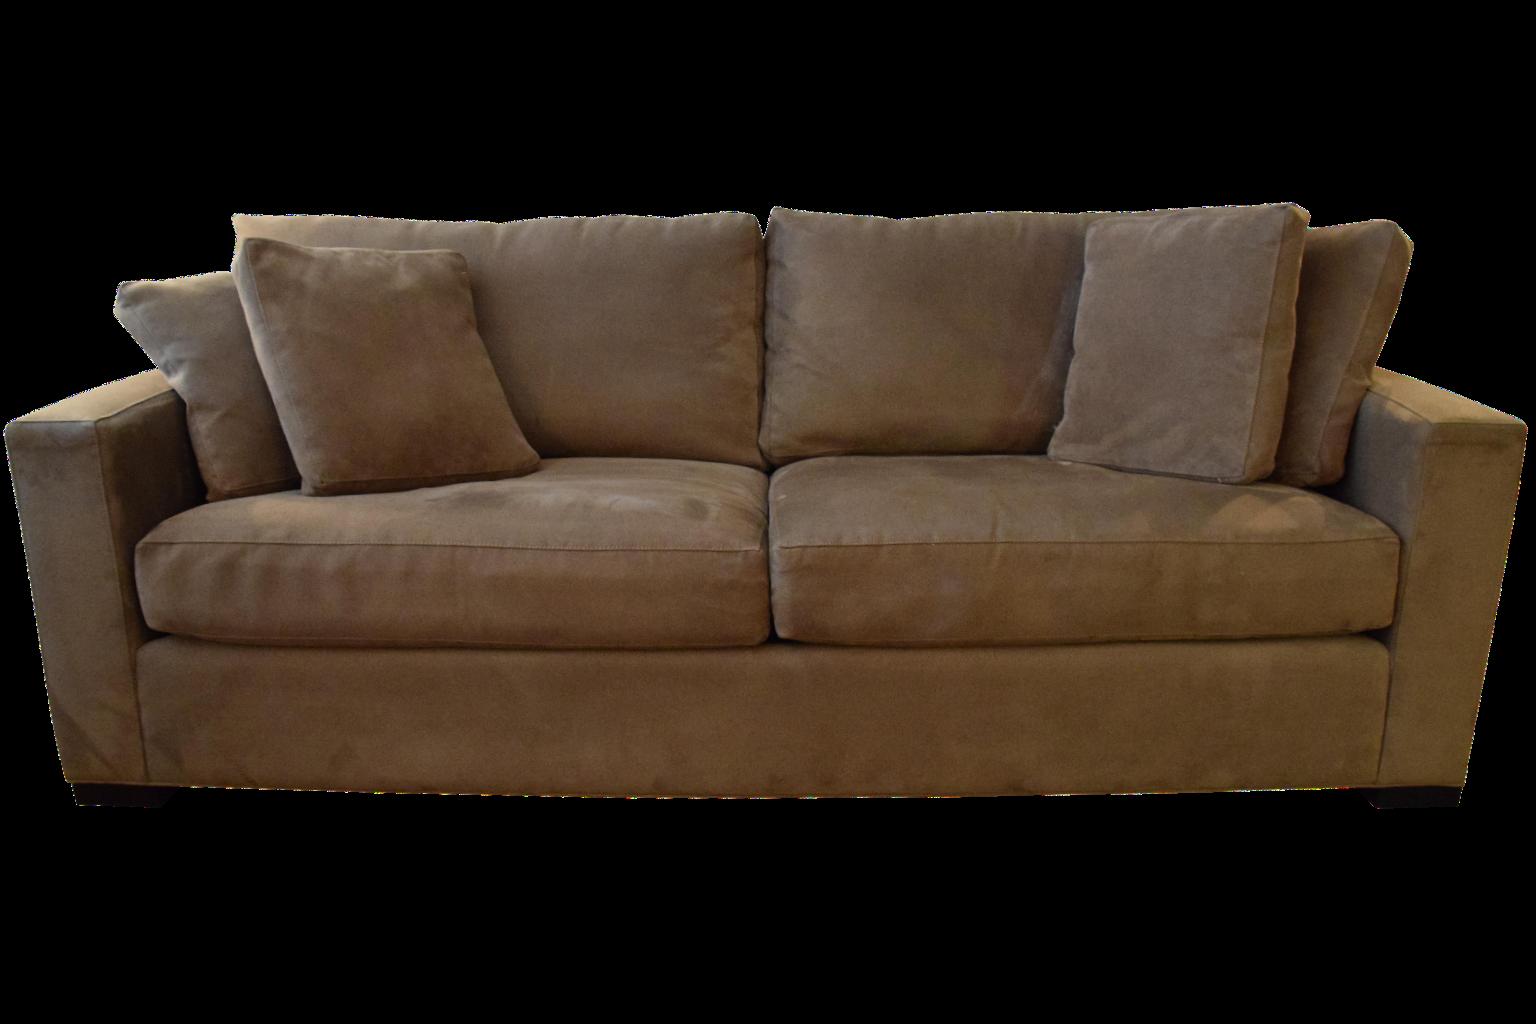 Crate Barrel Axis Ii 2 Seat Sofa Chairish